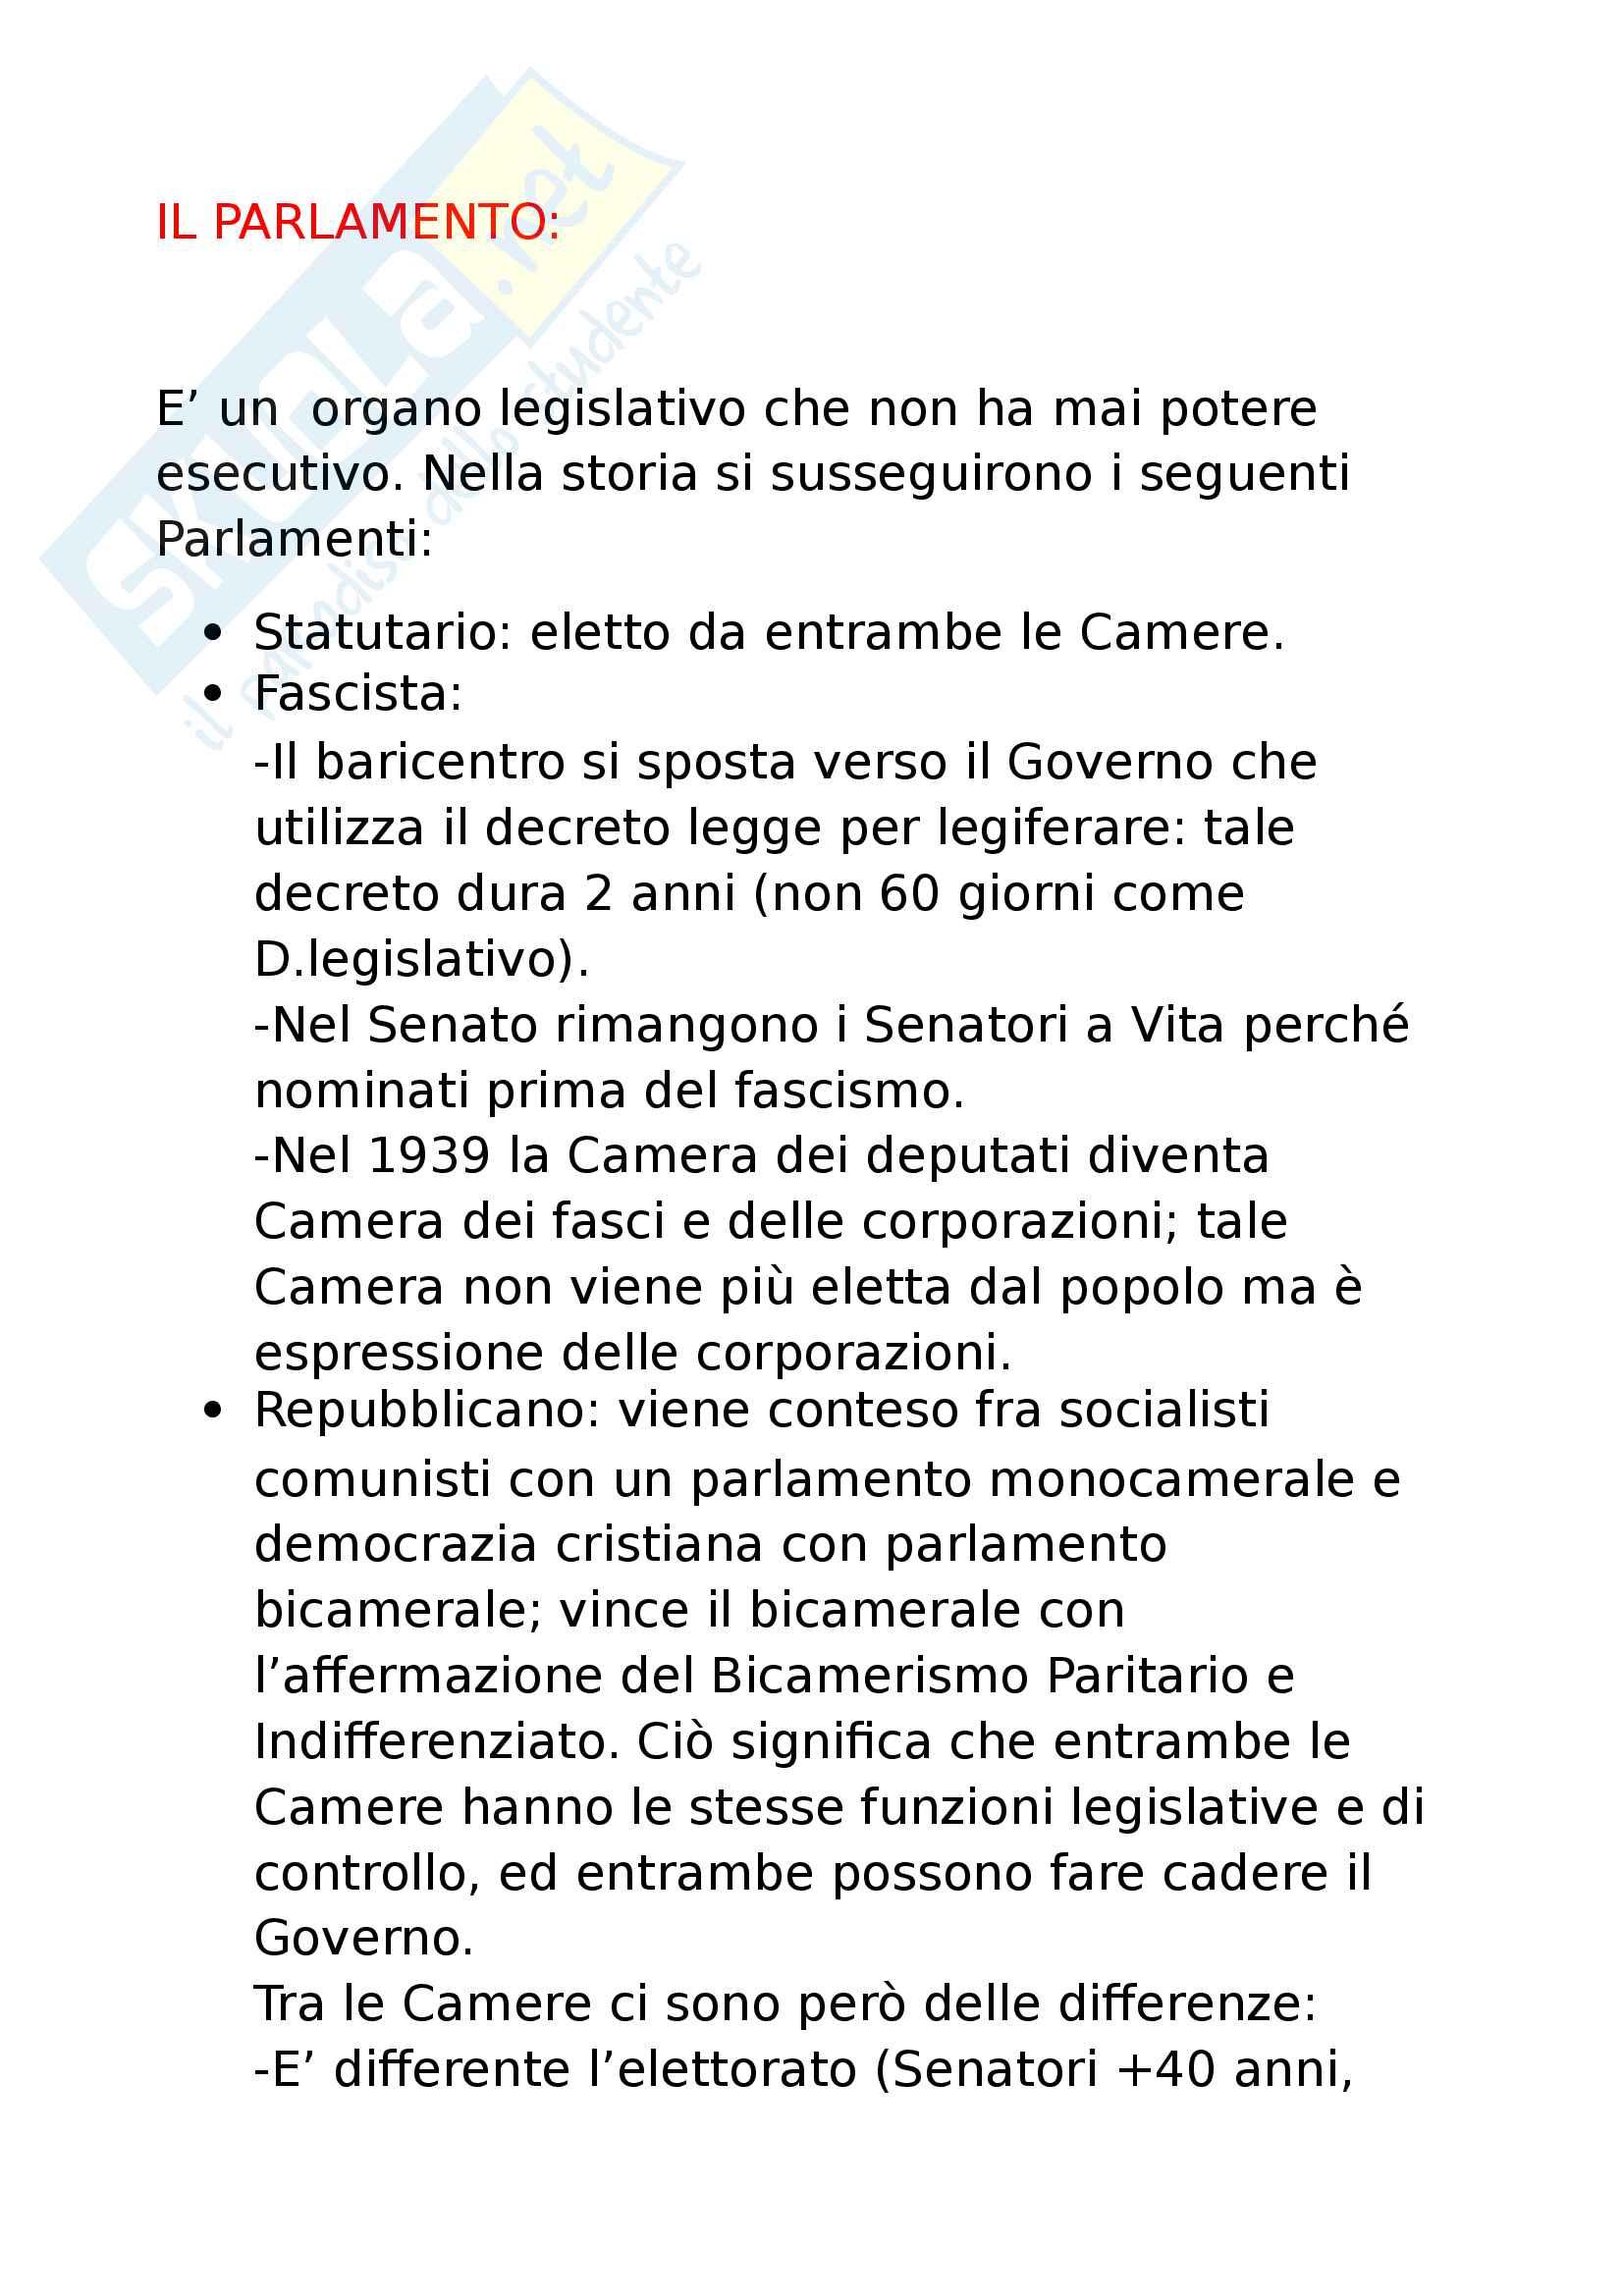 8 - il Parlamento, status di parlamentare, organizzazione elezioni Camera e Senato, funzioni e procedimento legislativo